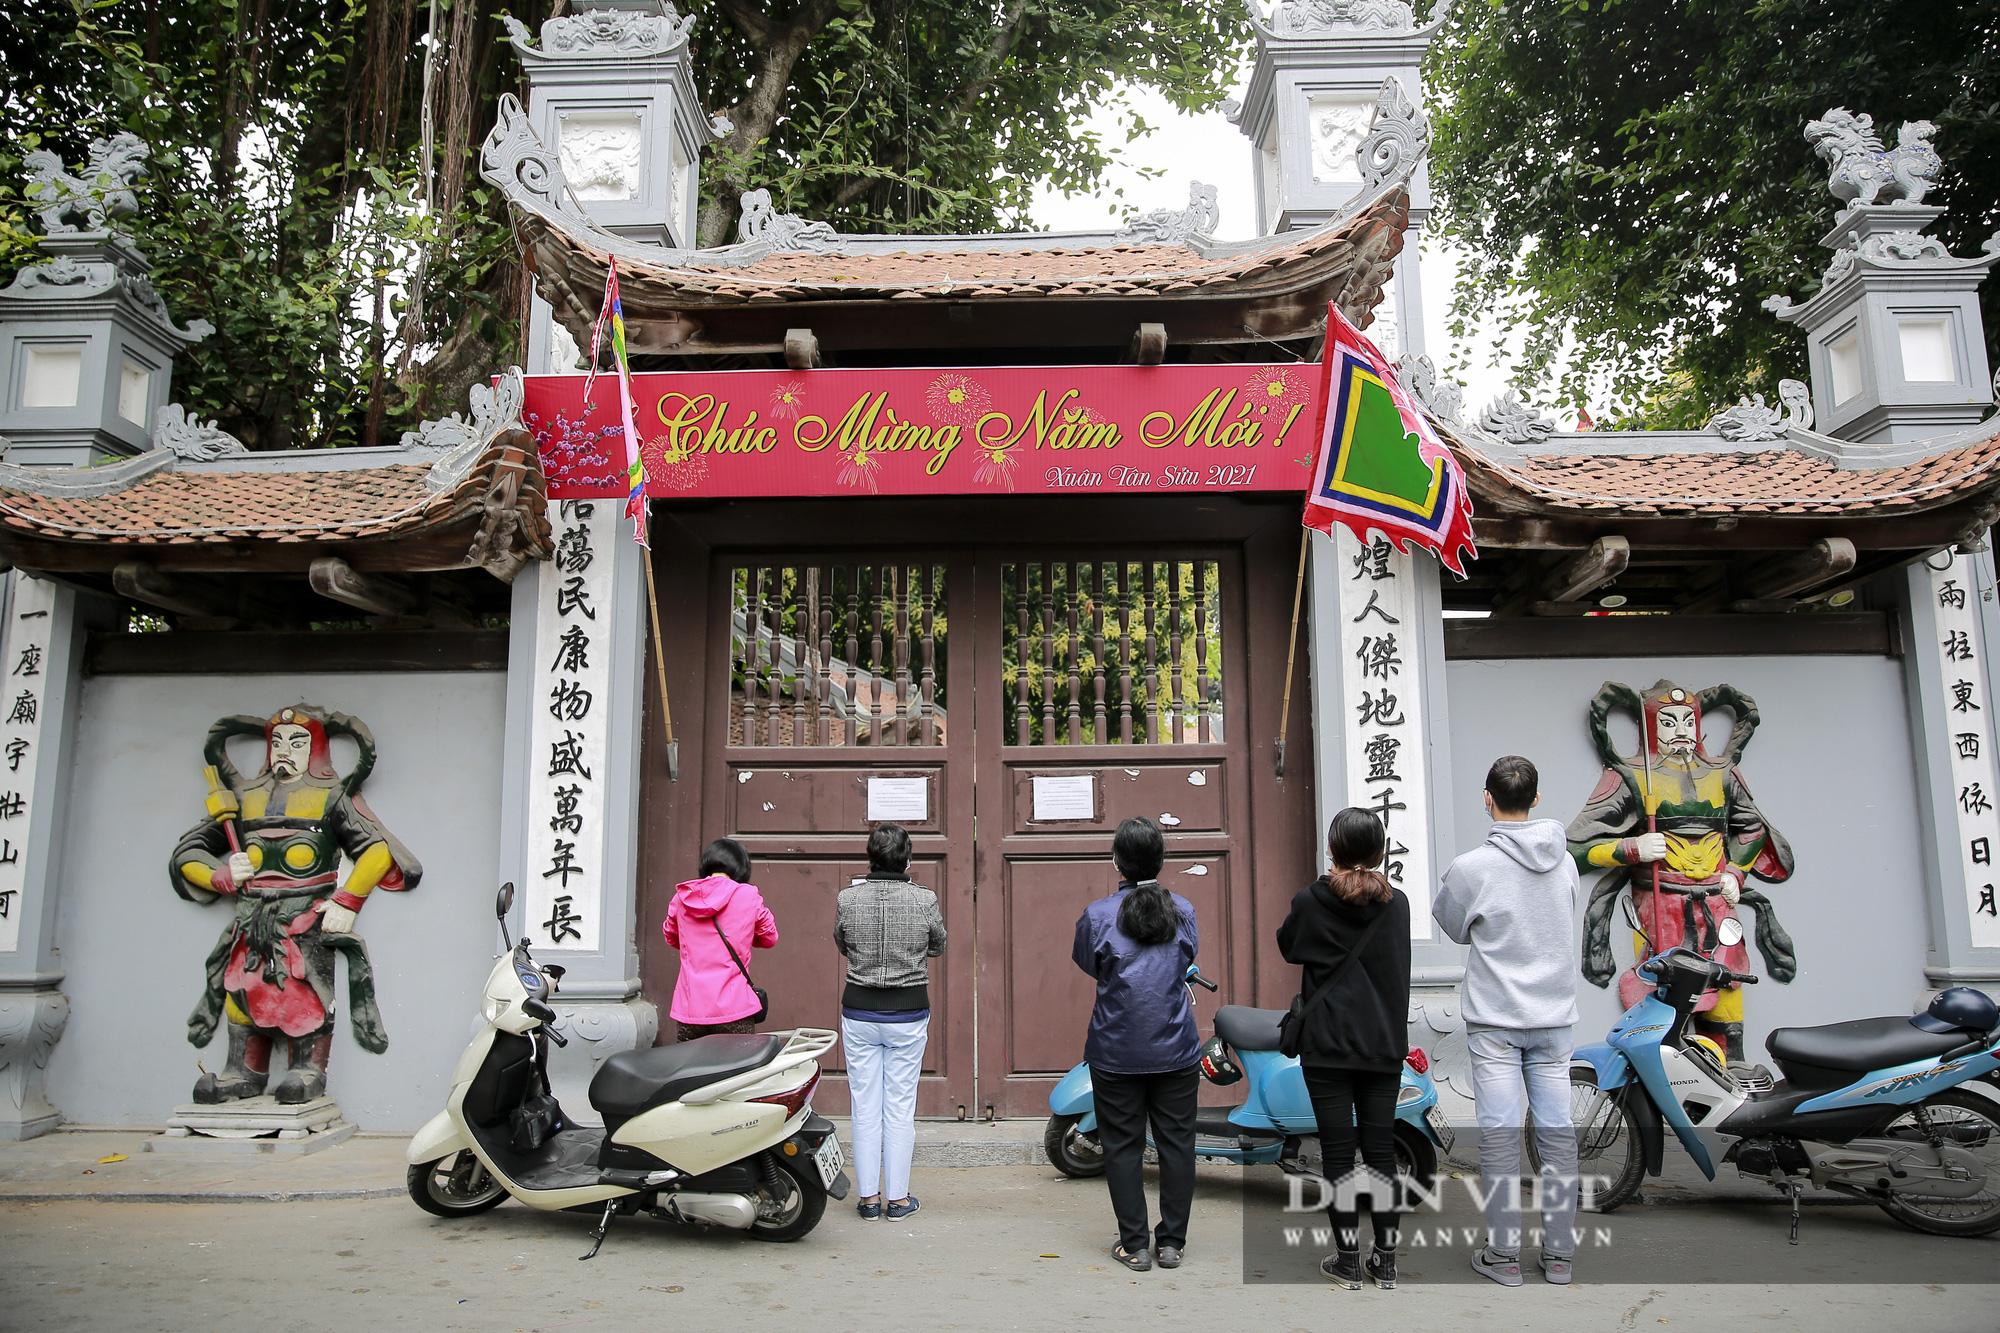 Công an gác cổng, người dân lập bàn vái vọng trước đền chùa ngày Rằm tháng Giêng - Ảnh 8.